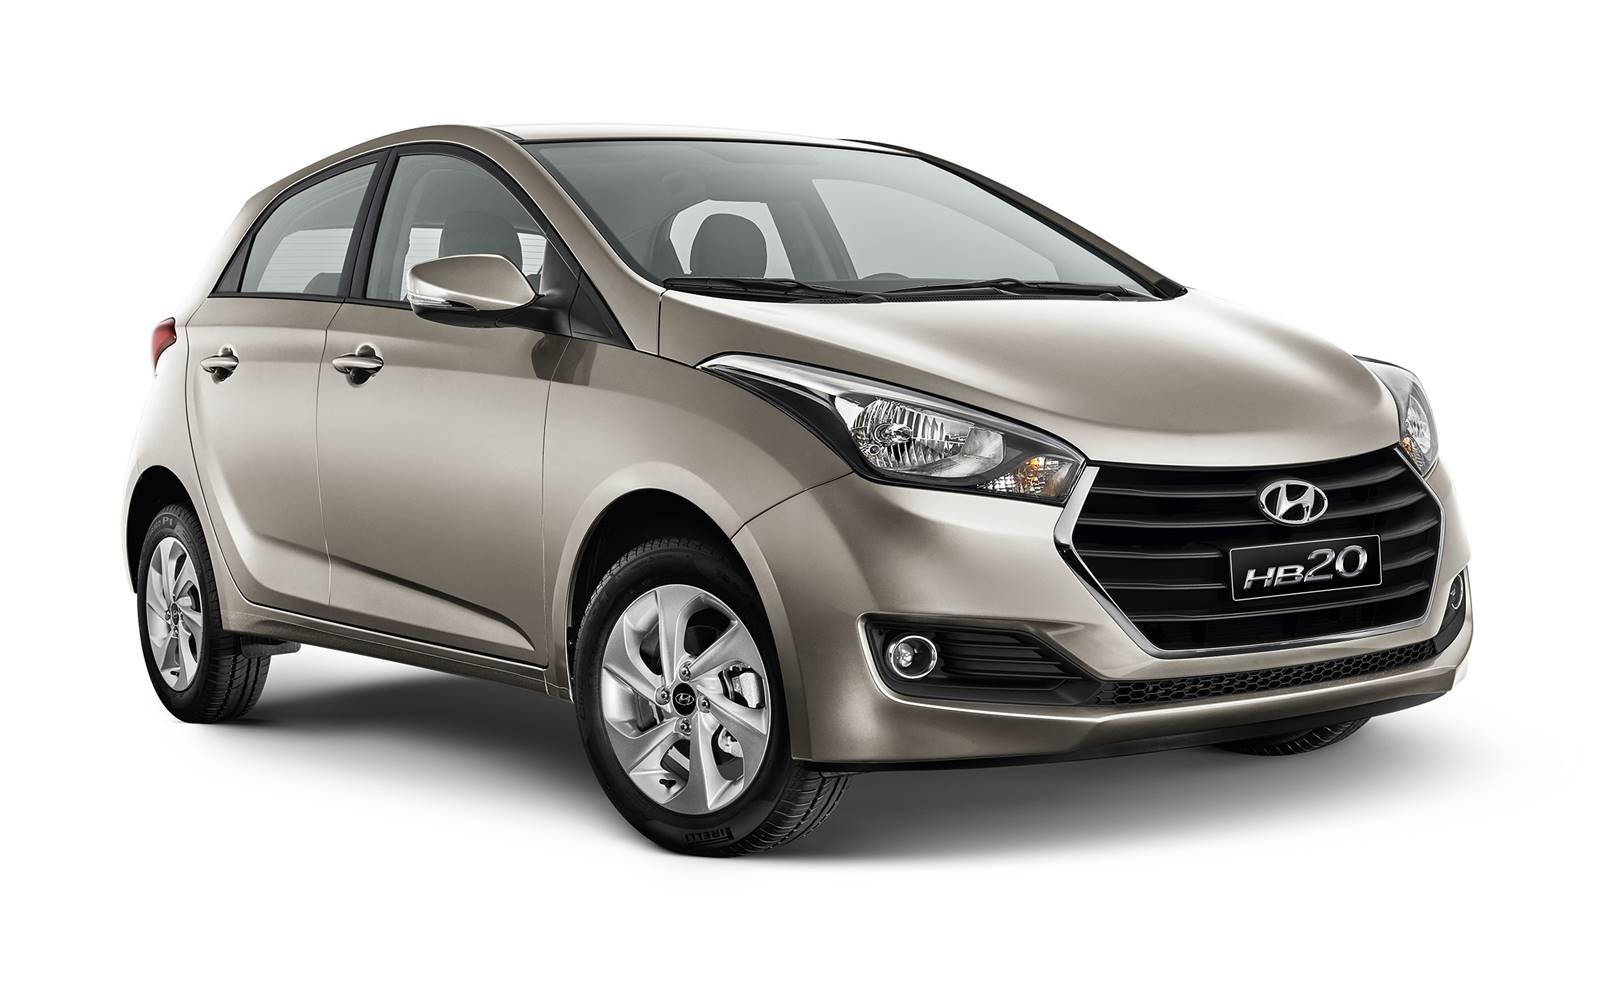 Hyundai Hb20 Turbo Comfort Style